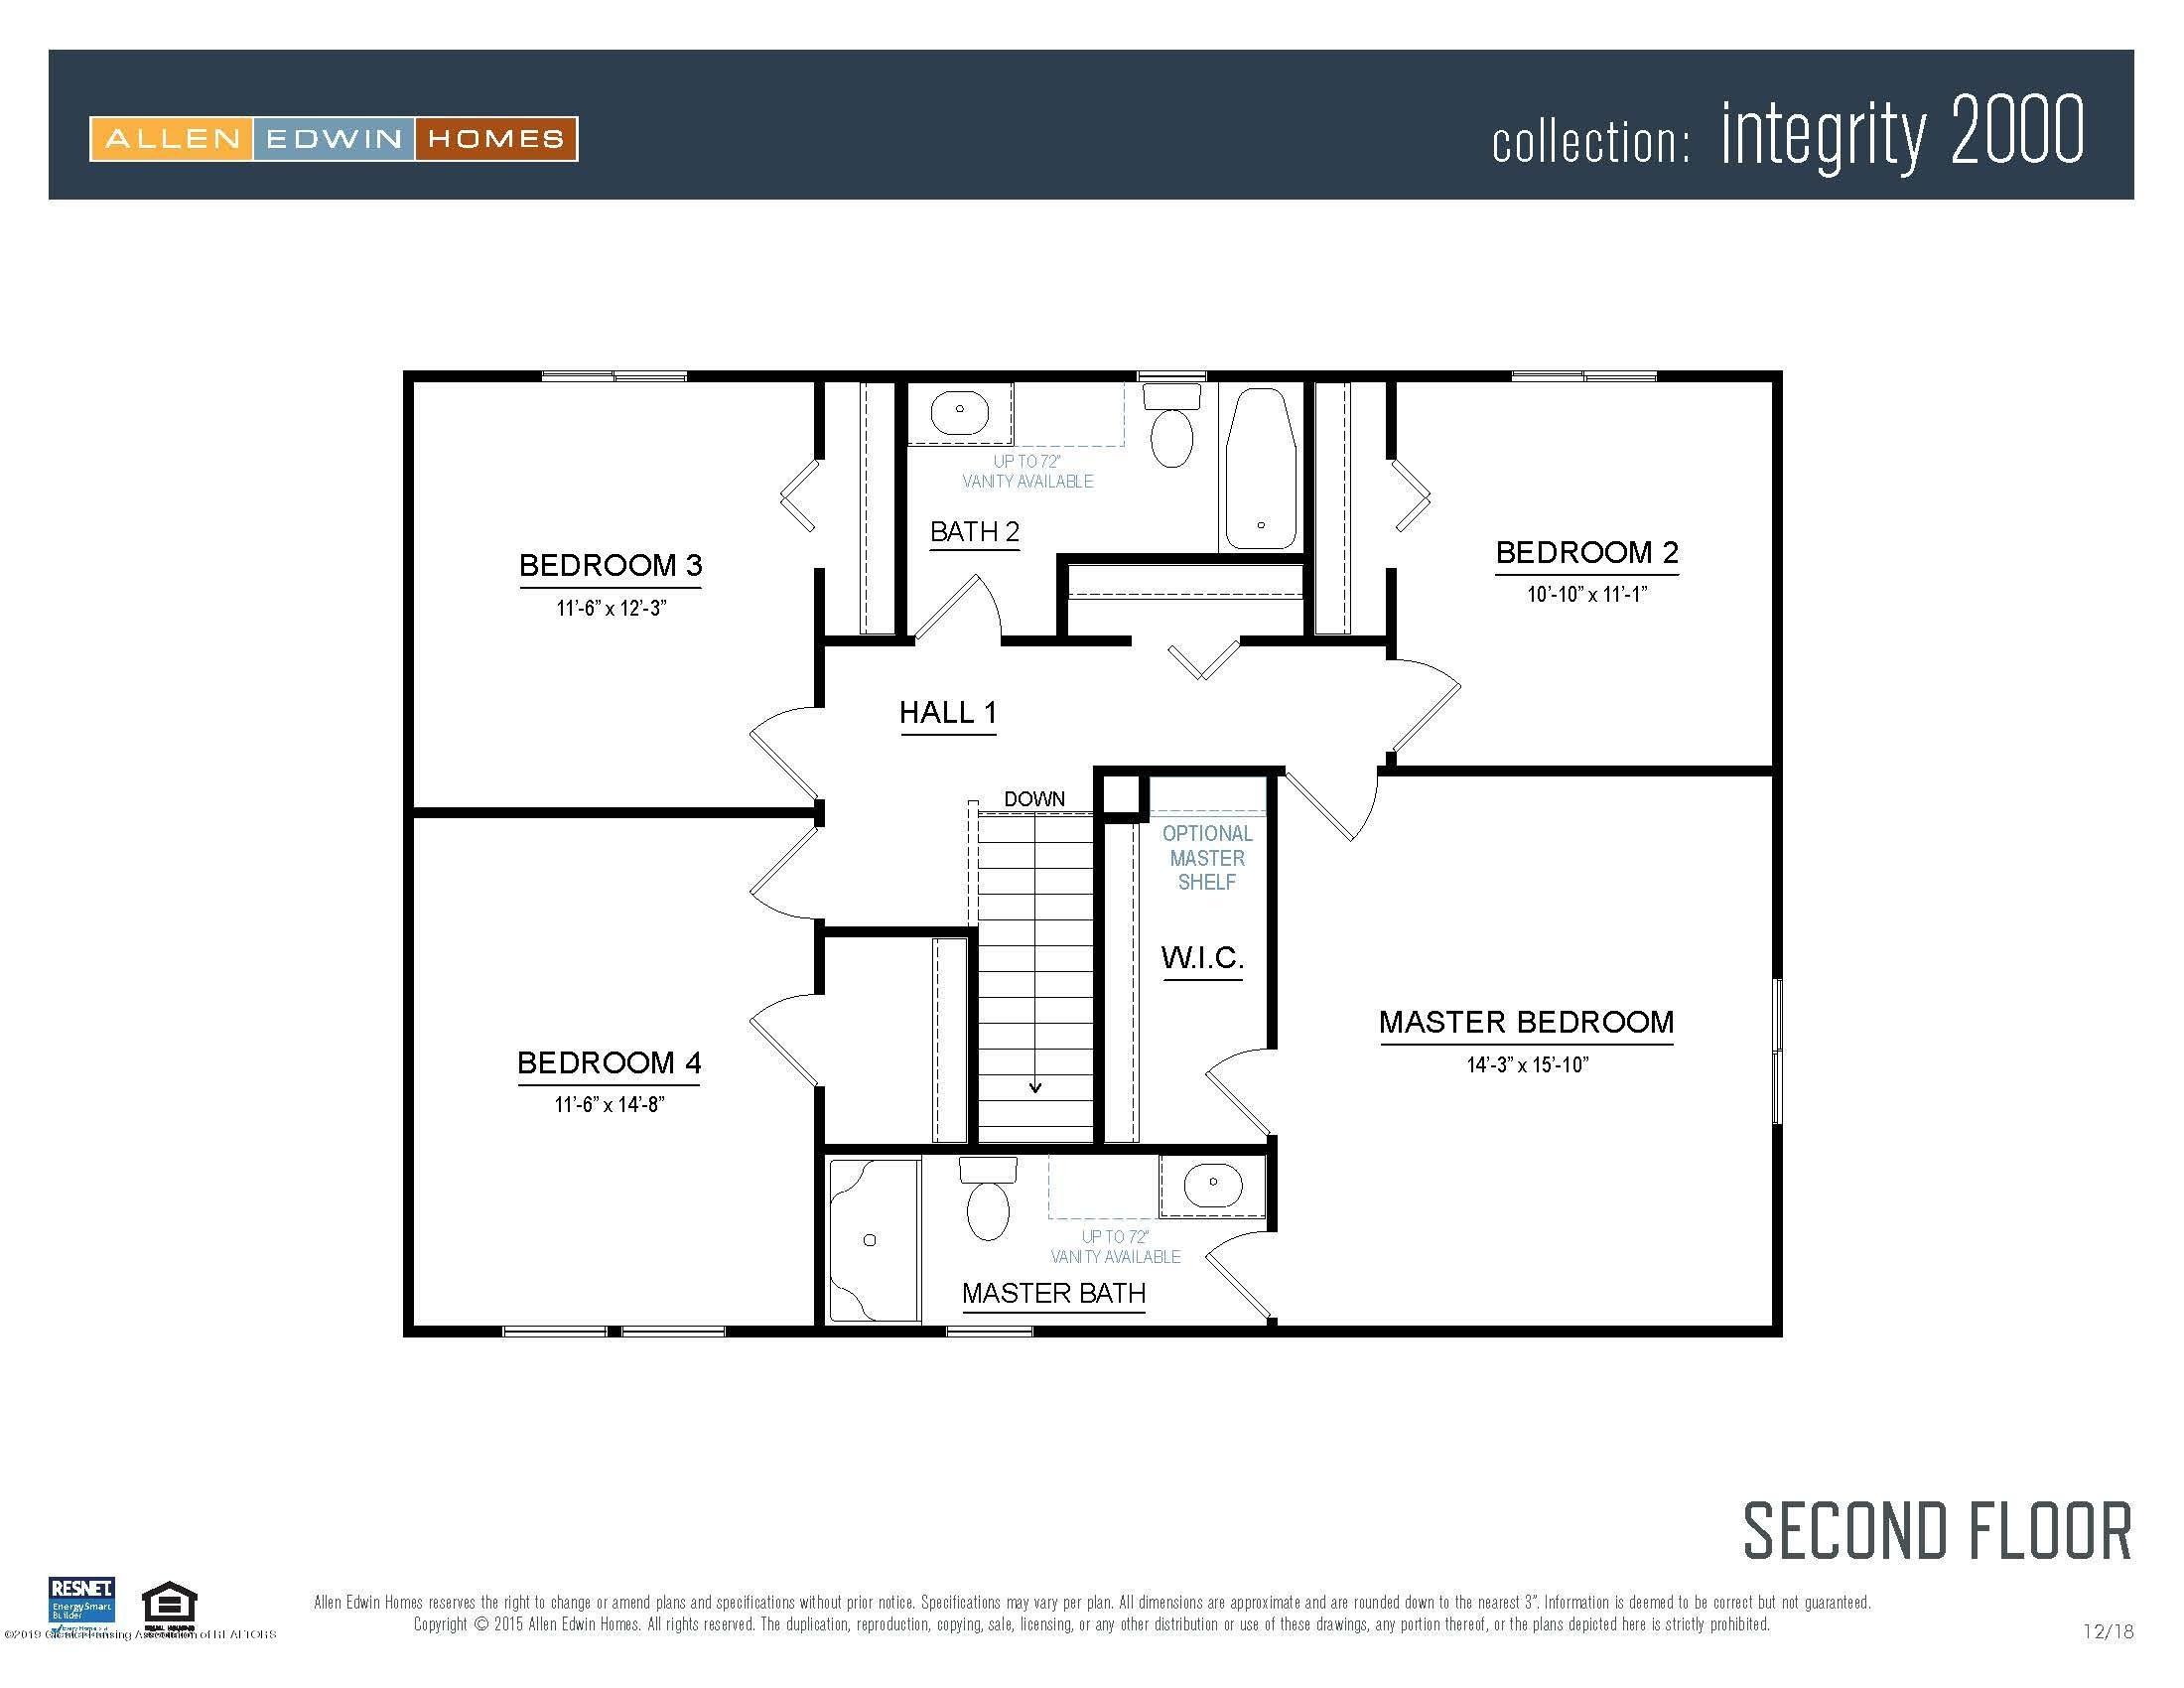 1116 River Oaks Dr - Integrity 2000 V8.0a Second Floor - 3